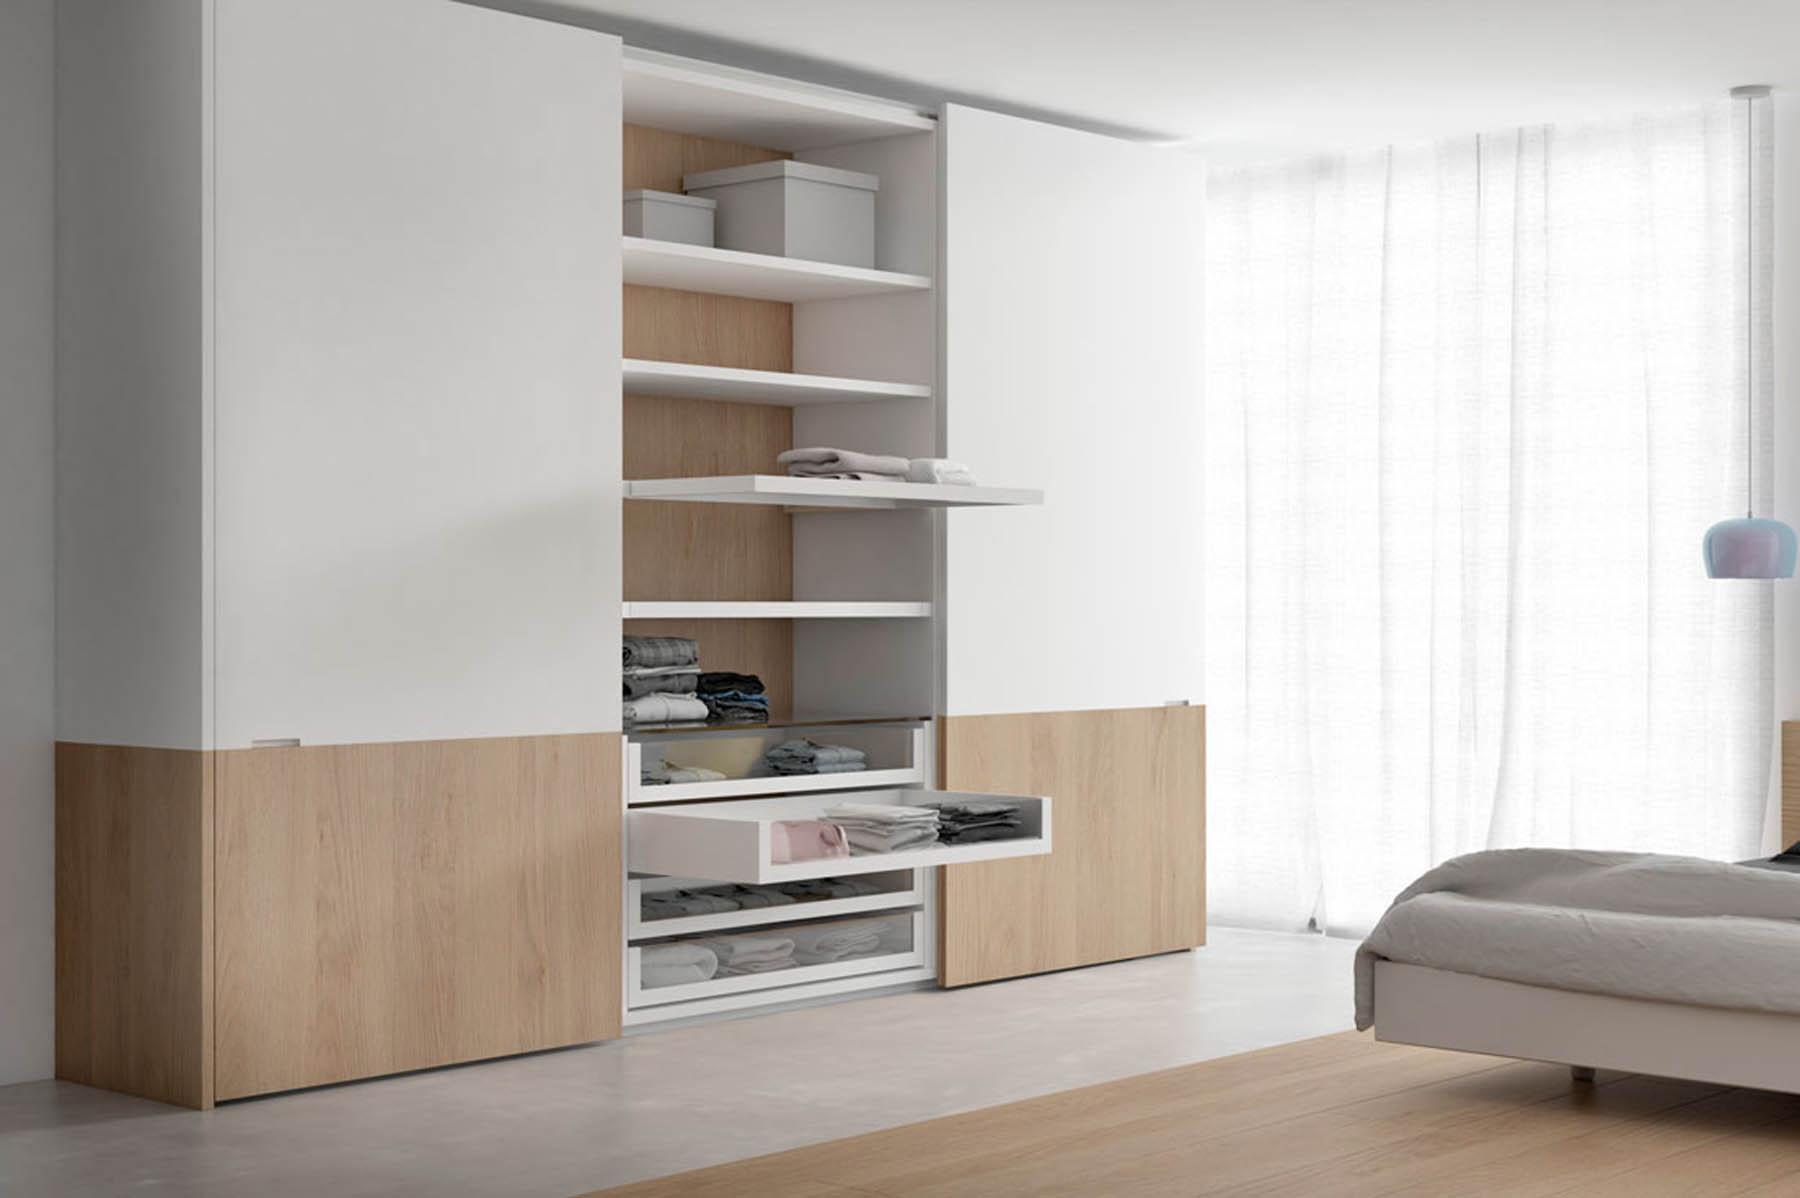 Interiors d'armaris pensats per a l'accessibilitat